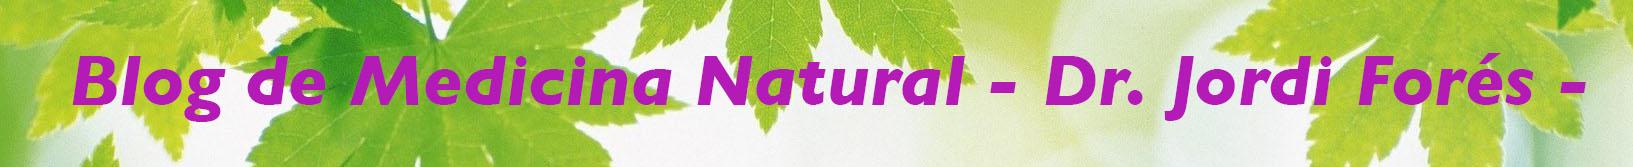 medicinatura-blog